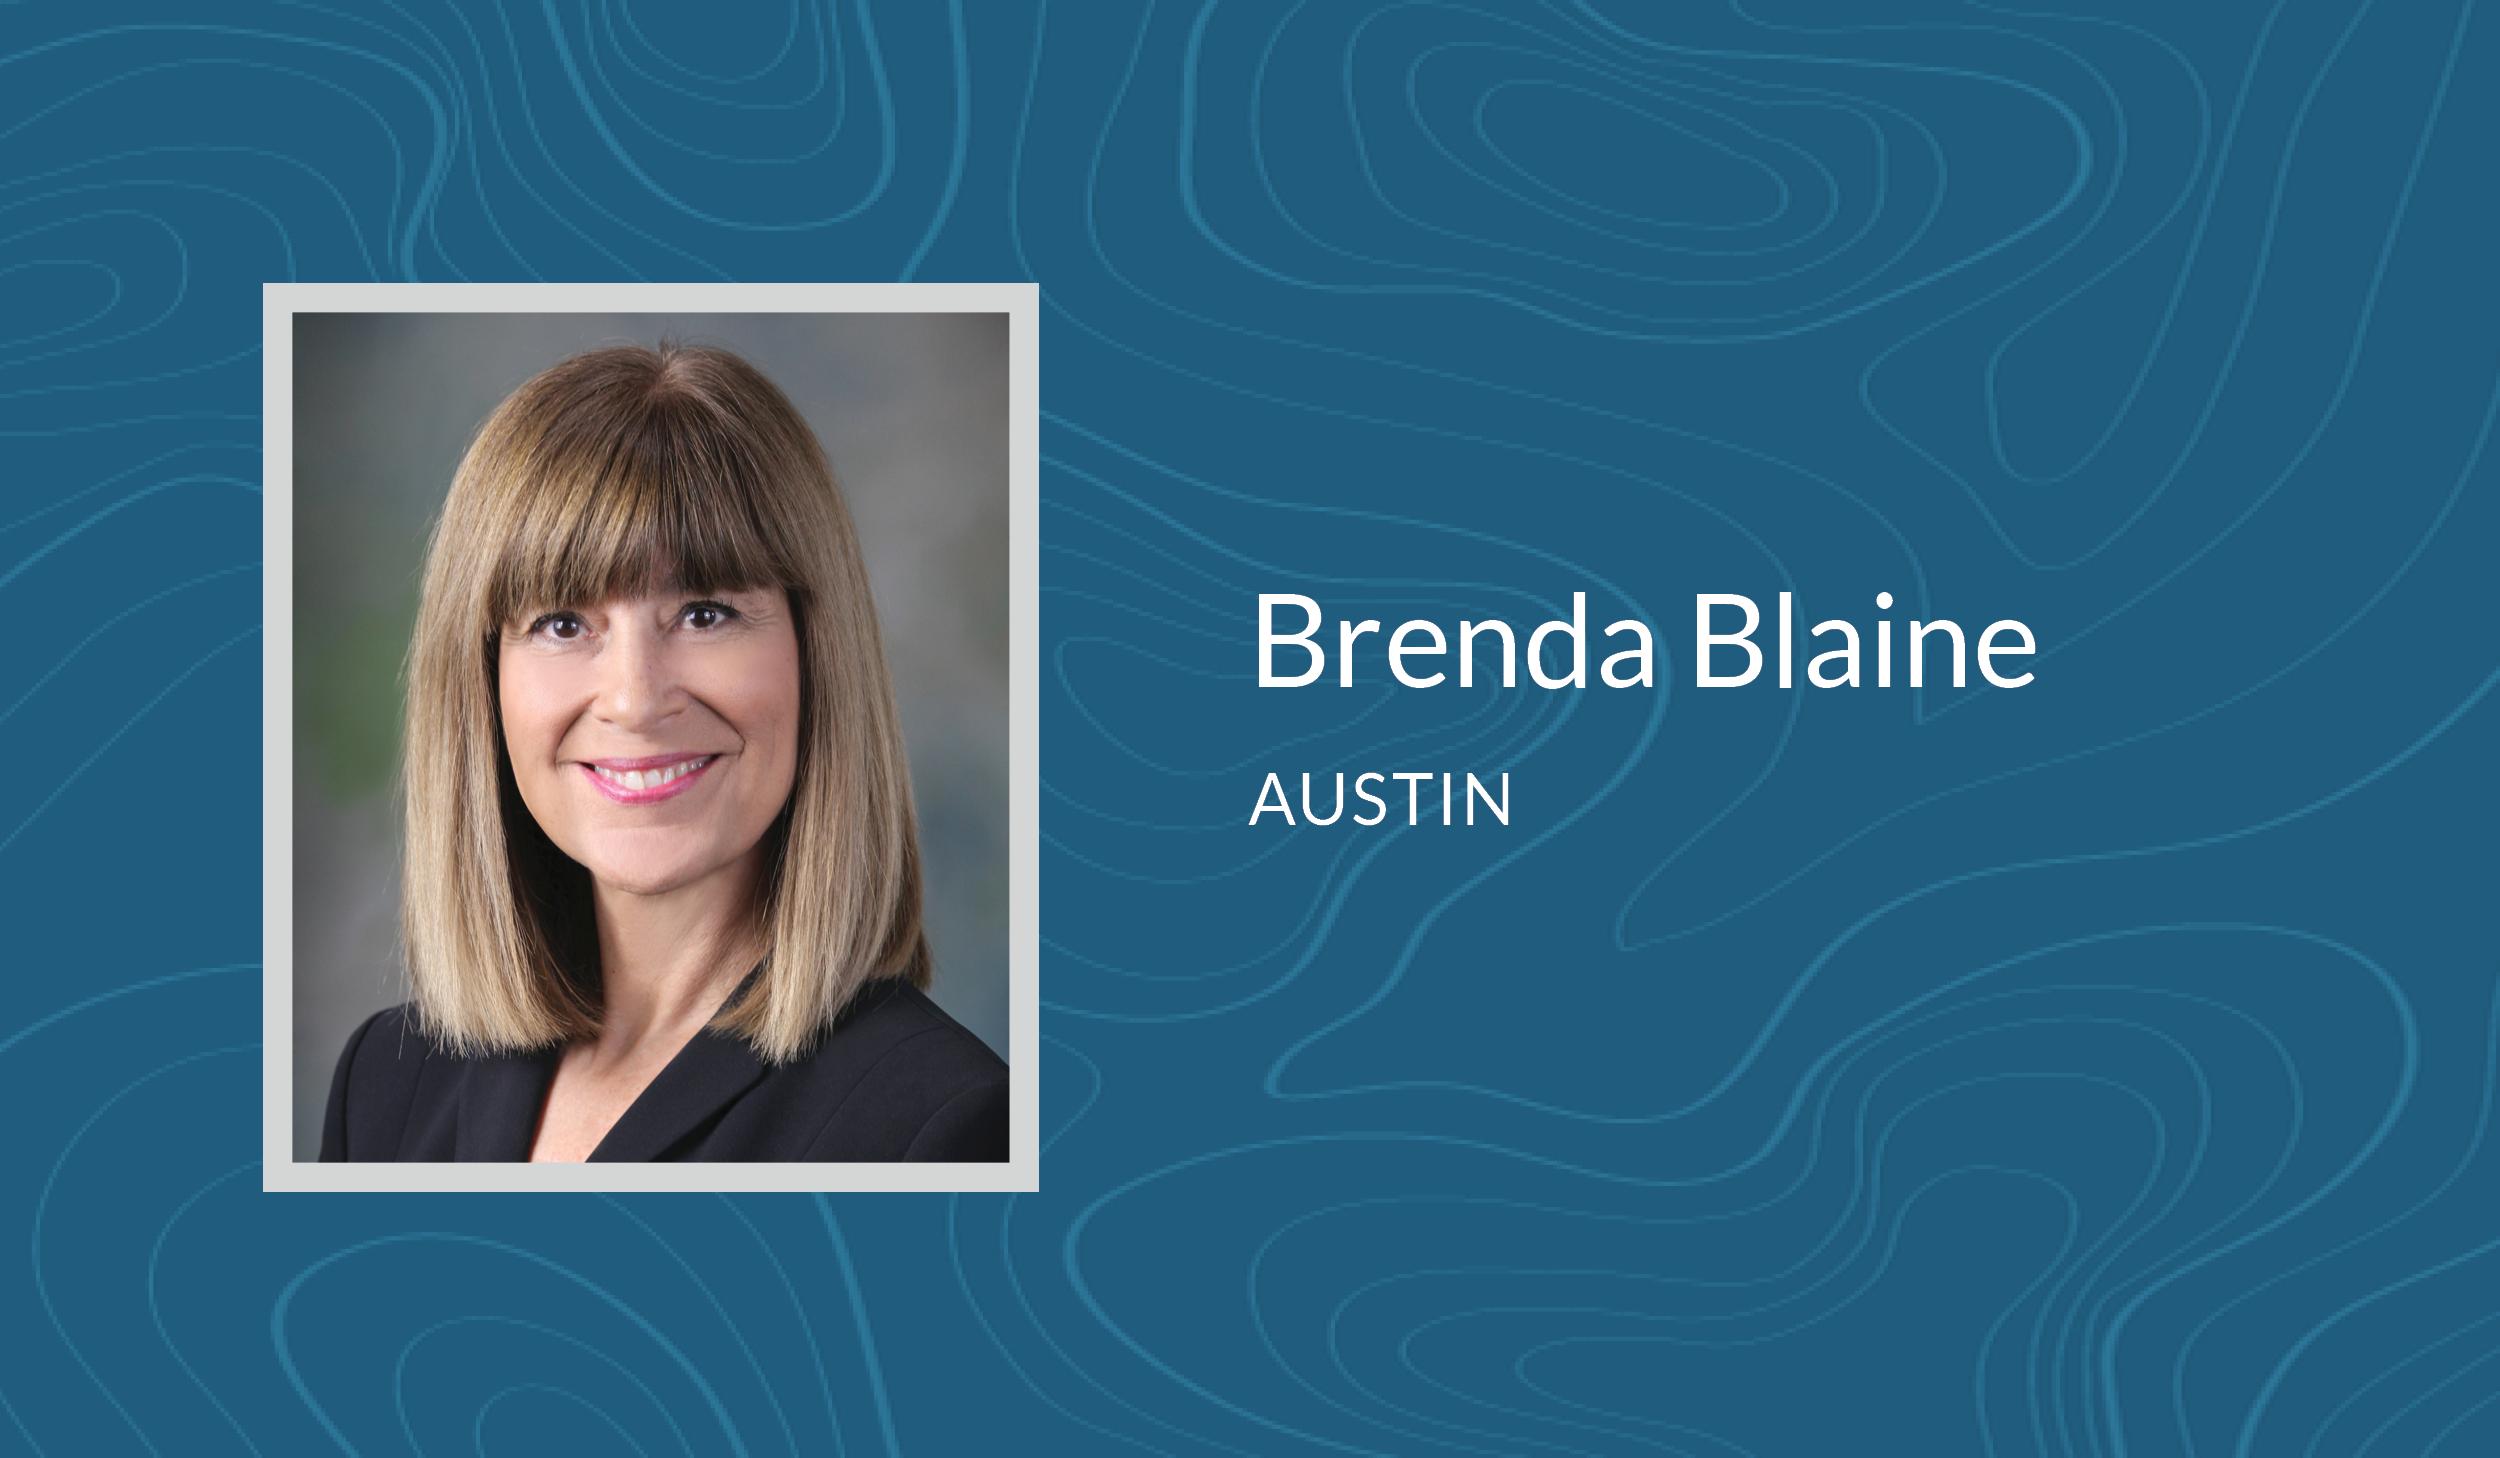 Brenda Blaine Landing Page Headers.png